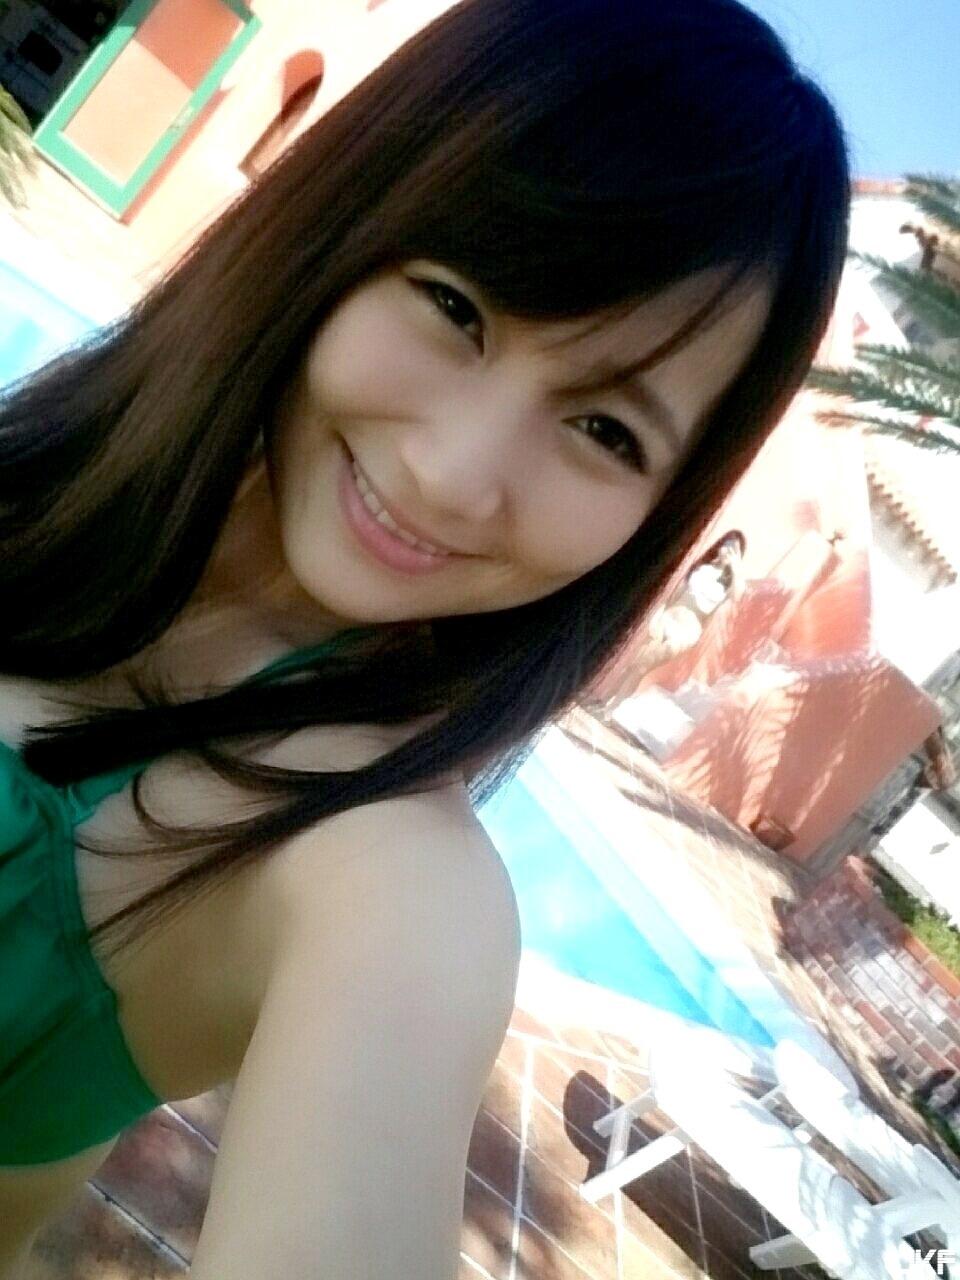 kurata_mao_1046-139.jpg